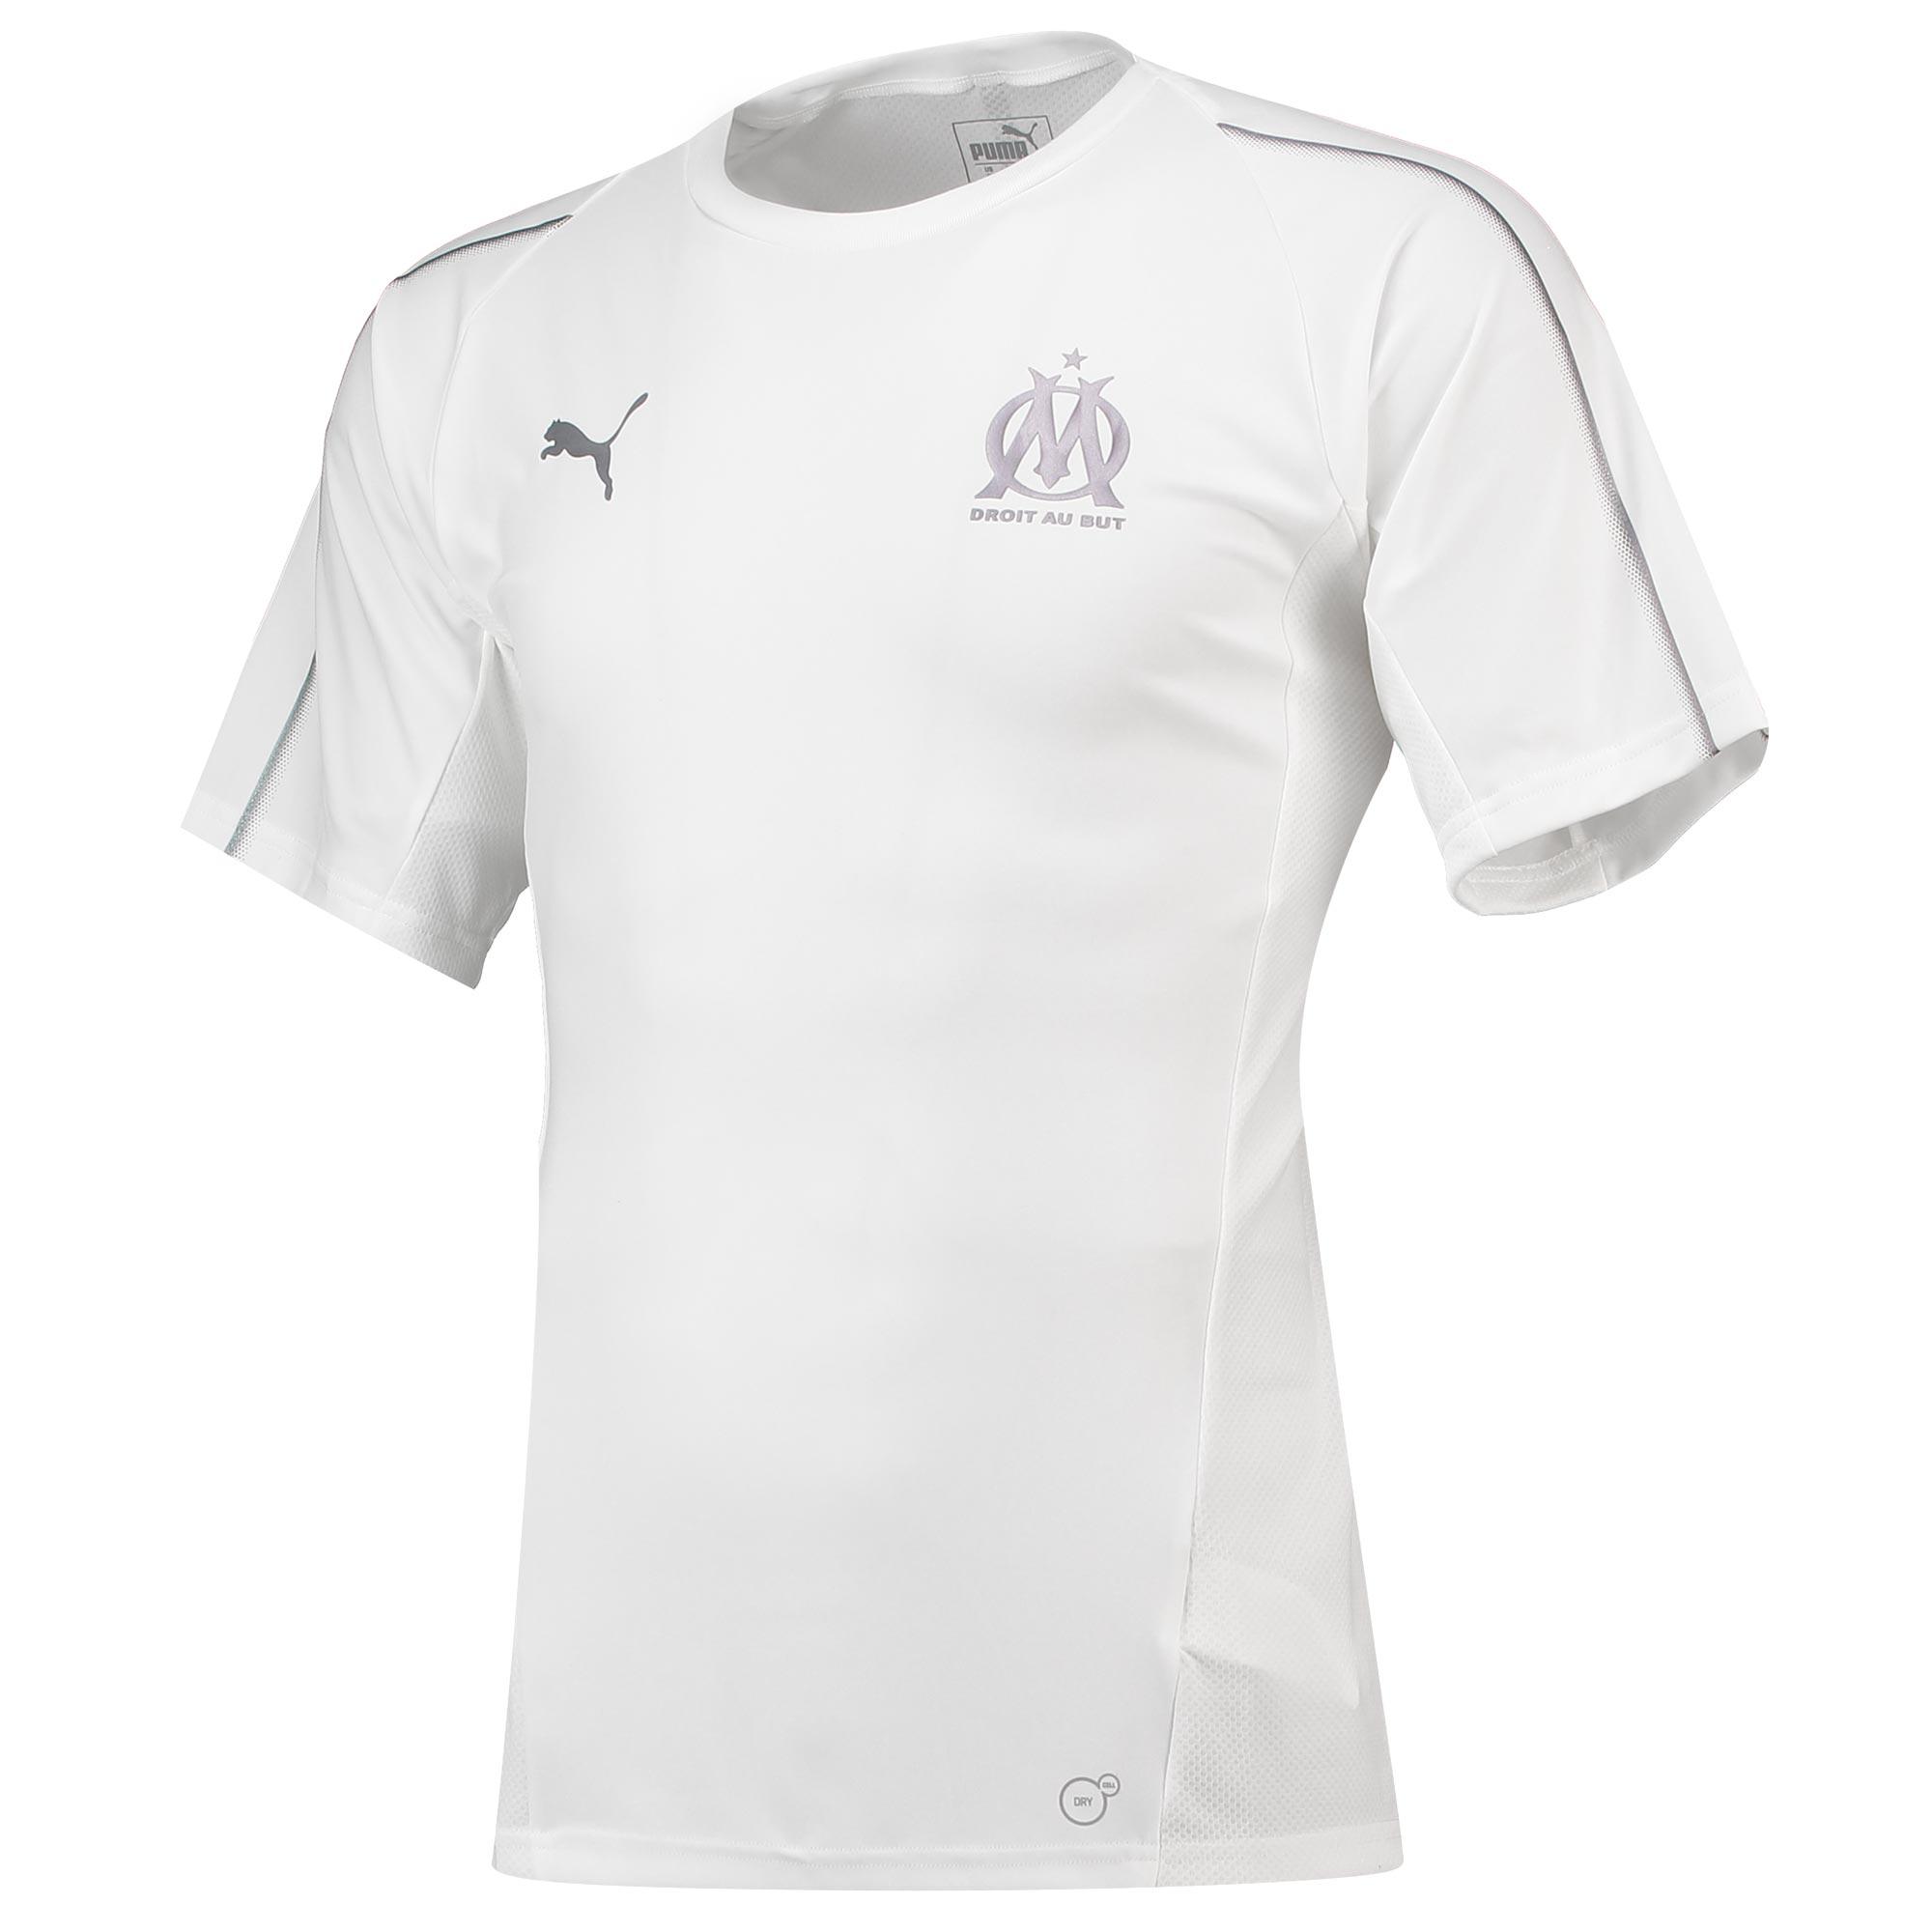 Camiseta de entrenamiento del Olympique de Marsella en blanco